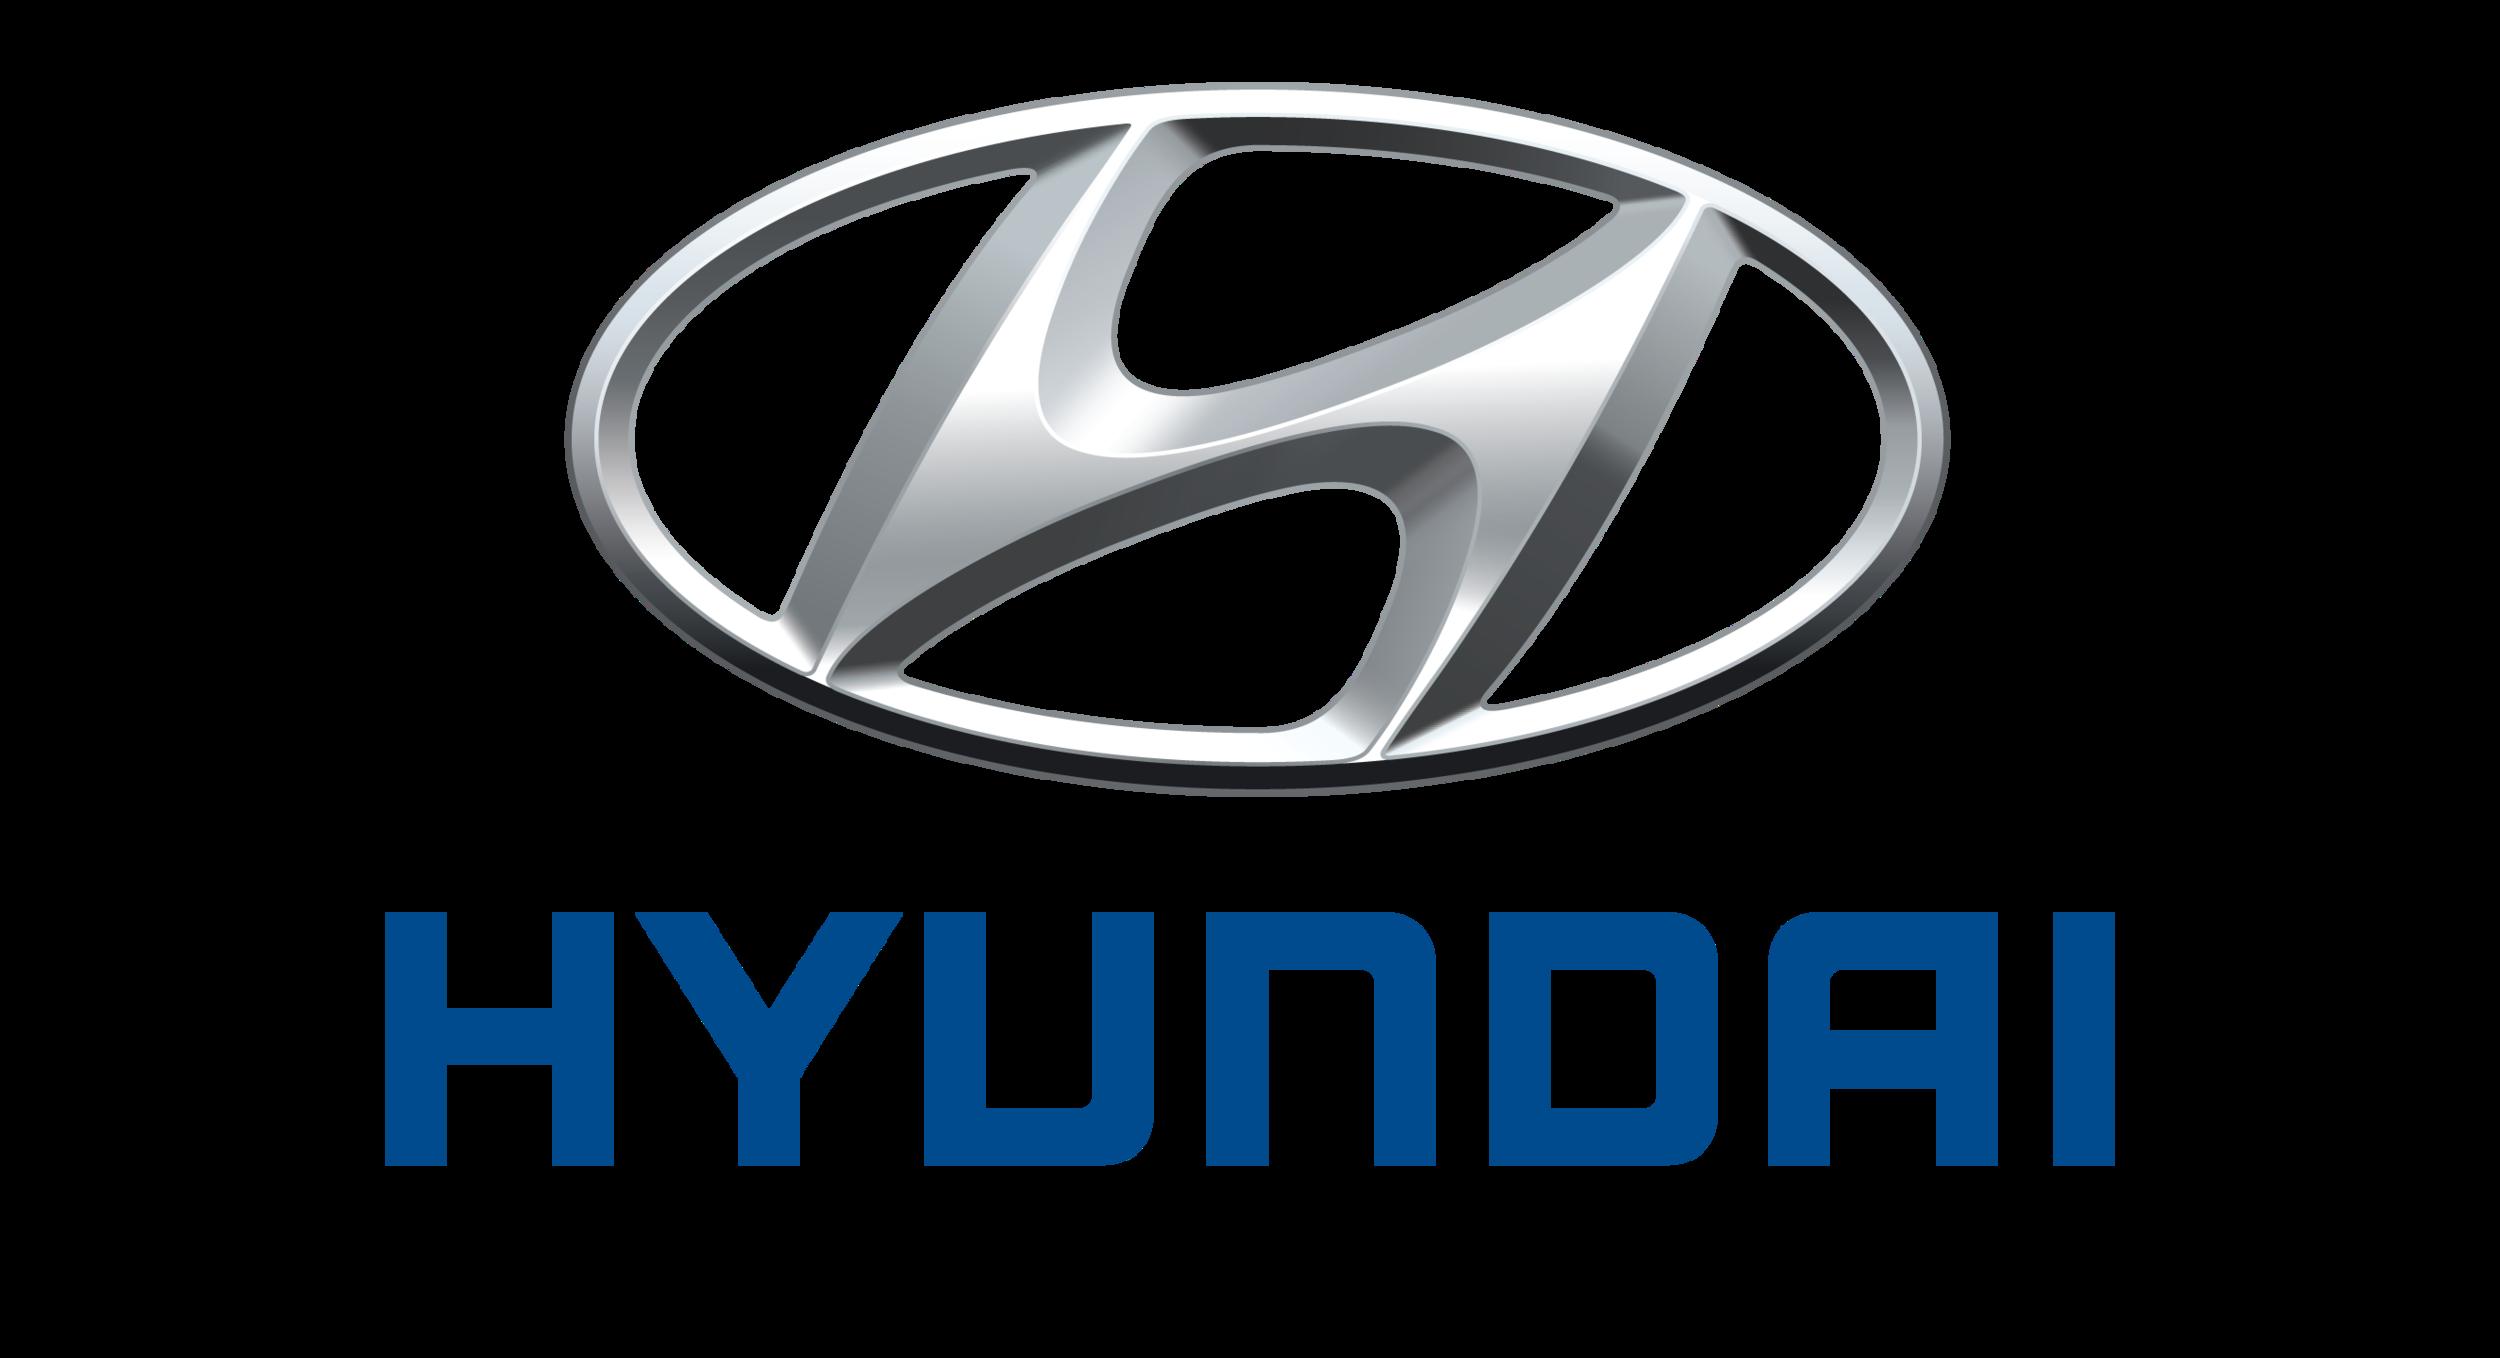 hyundai-influencer-marketing-campaign